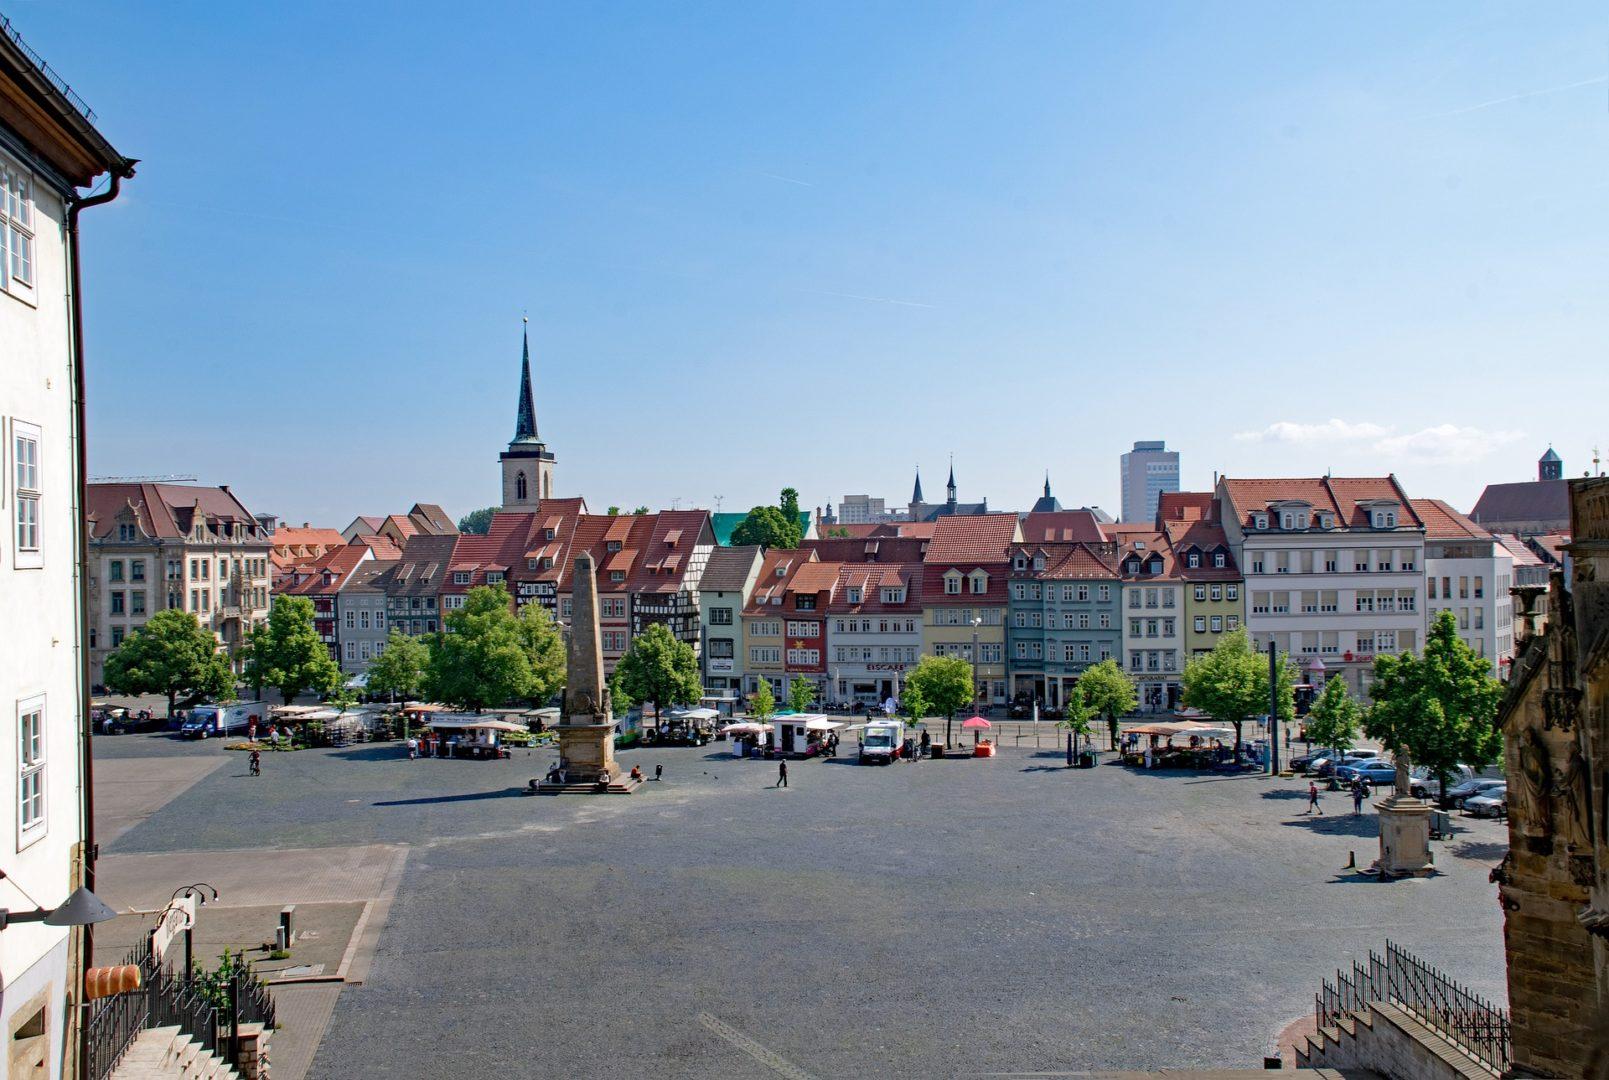 Auf dem Erfurter Domplatz wird der Deutsche Meister 2020 im Blindenfußball ermittelt. Fotorechte: lapping